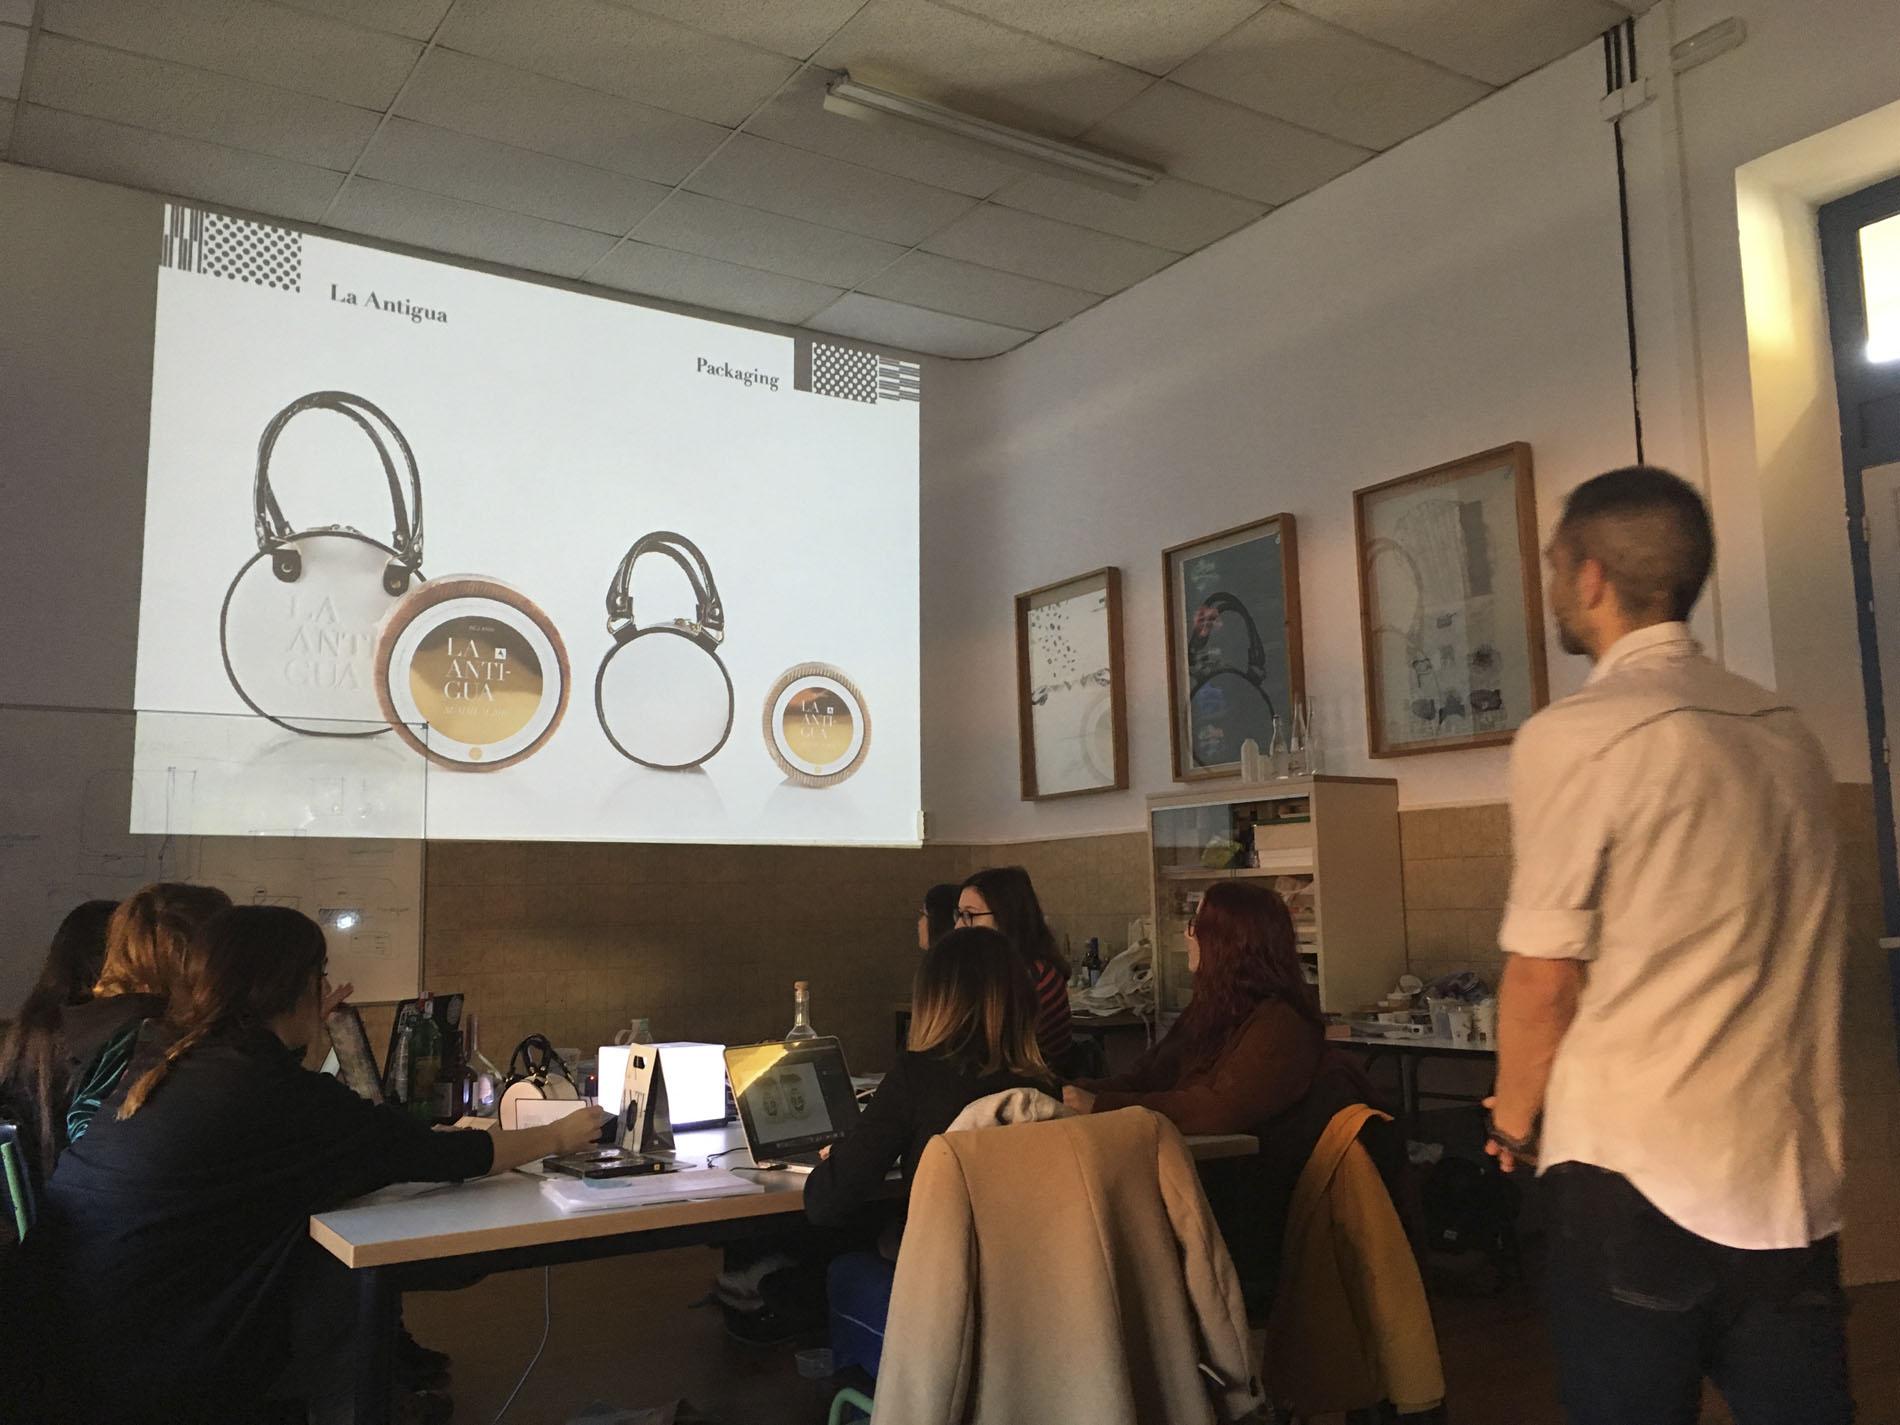 Javier Garduño en el Máster de Packaging